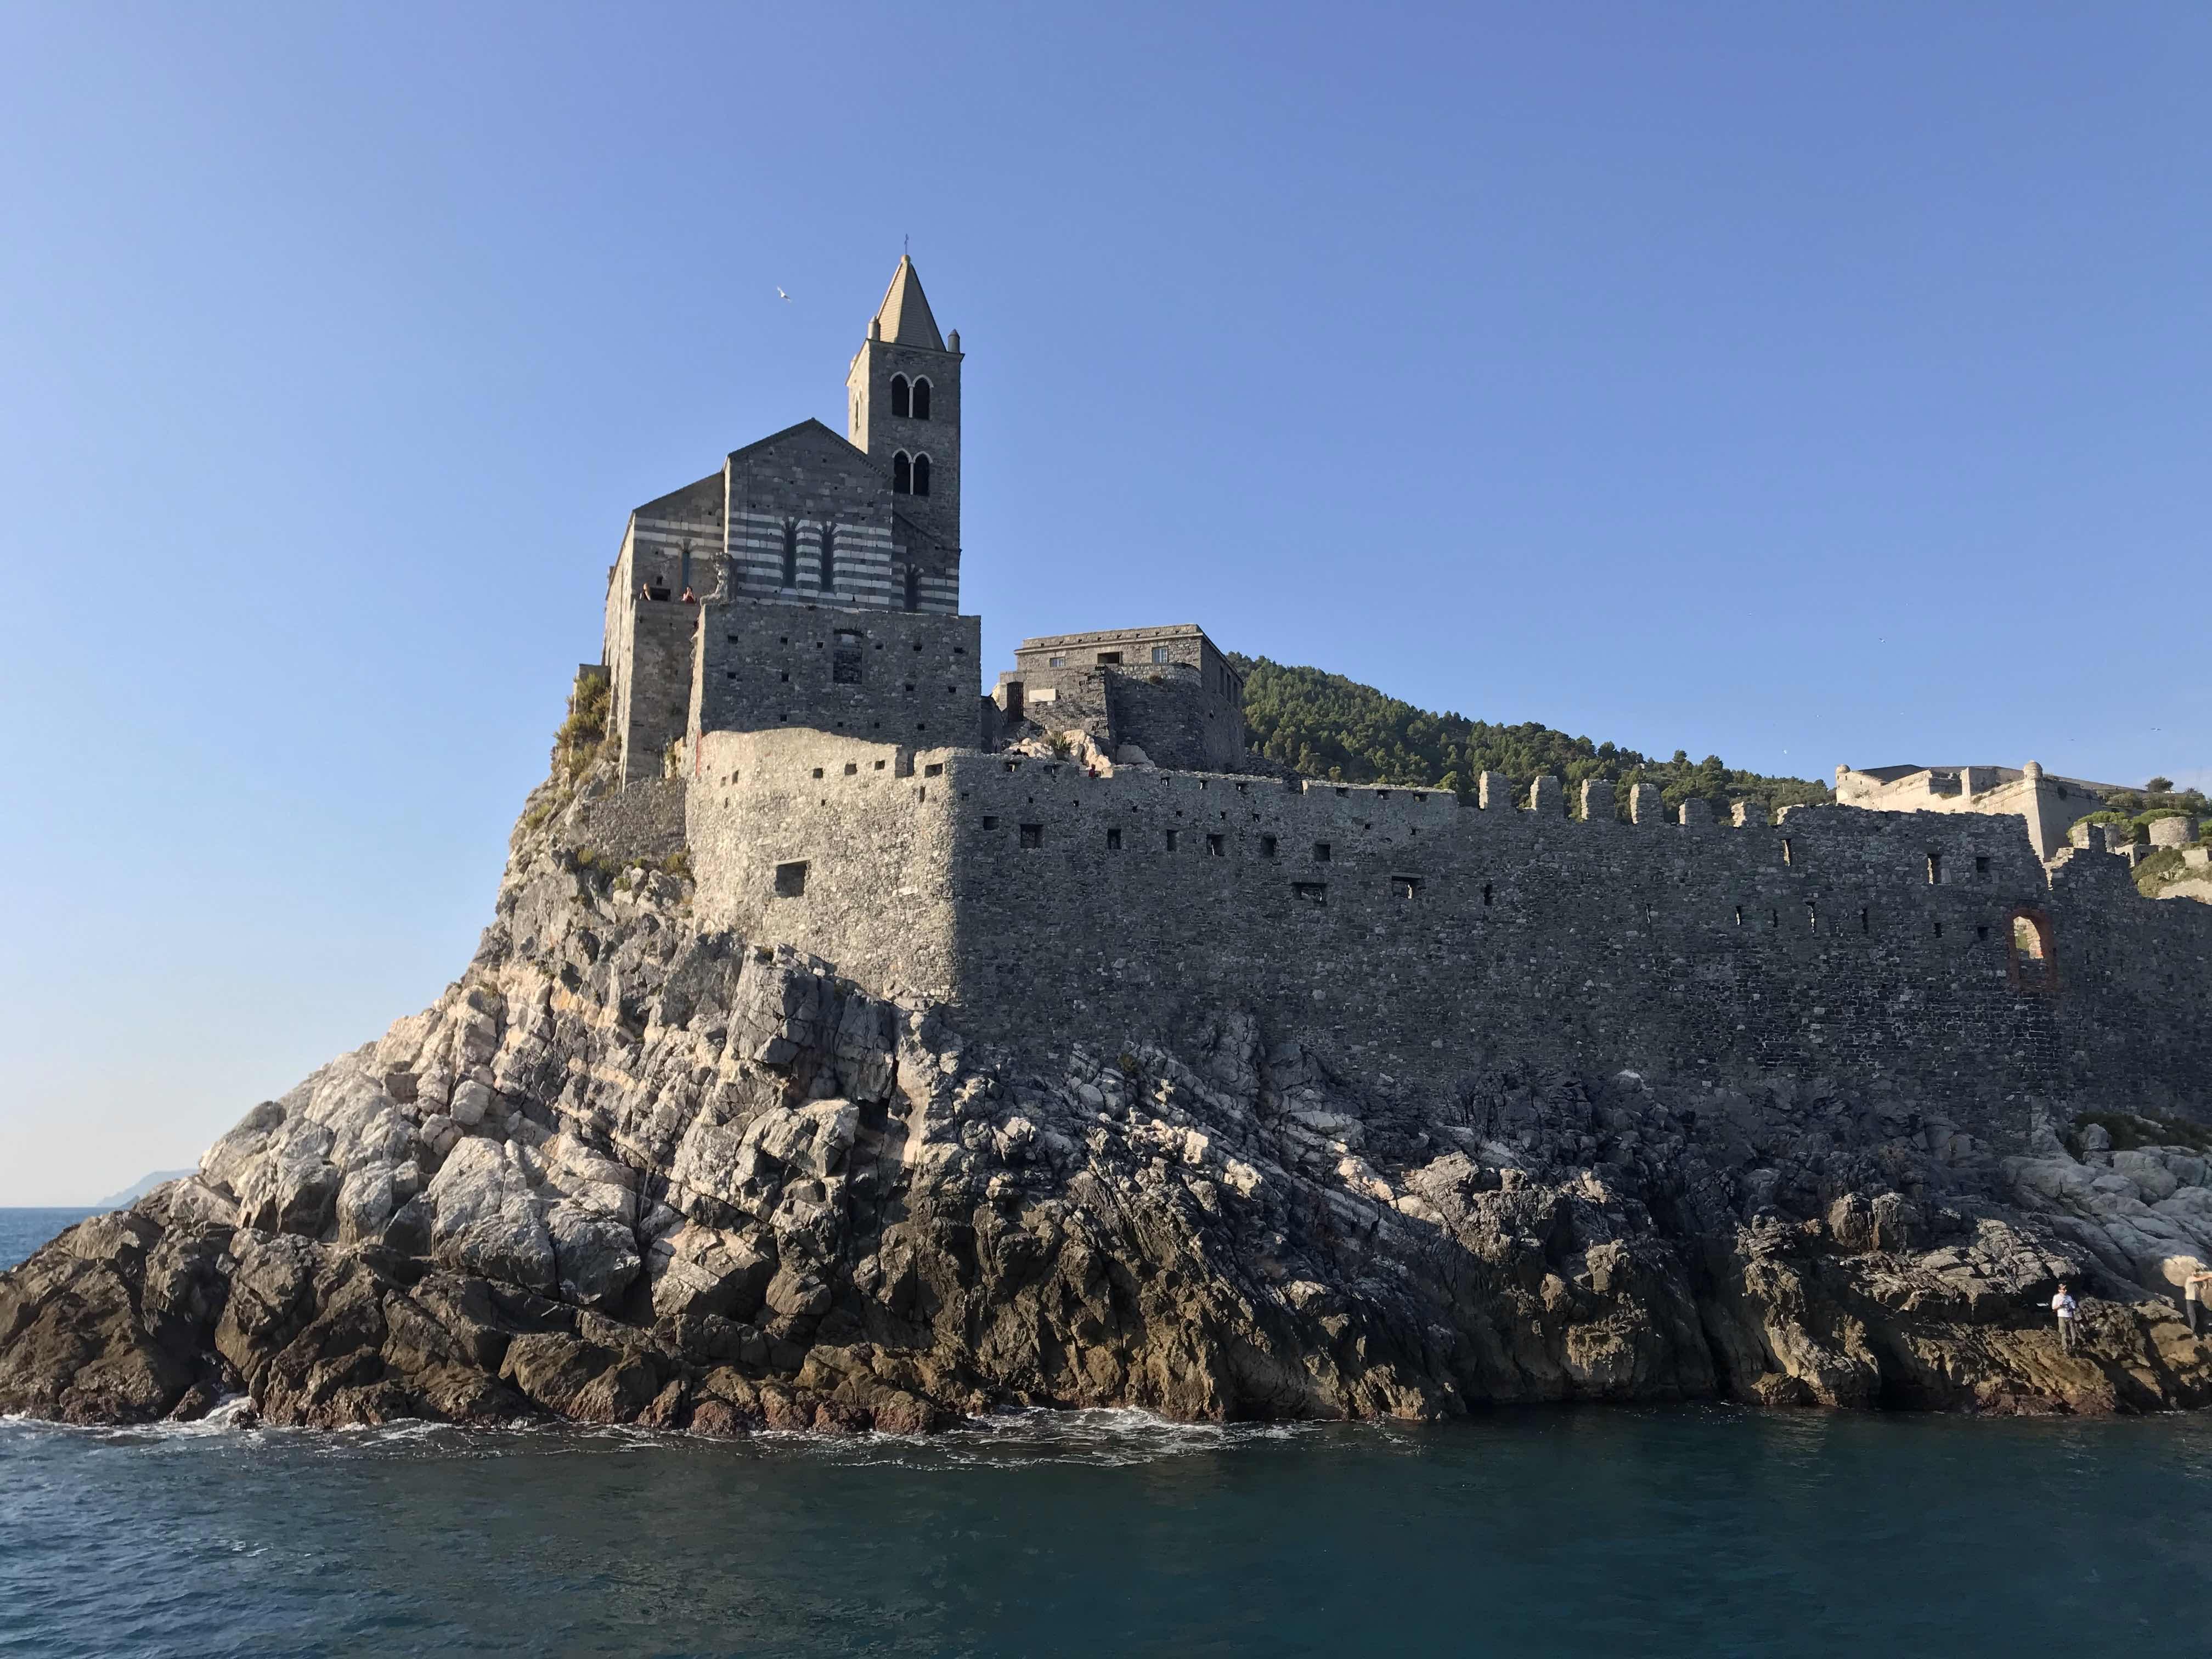 Porto Venere fortress